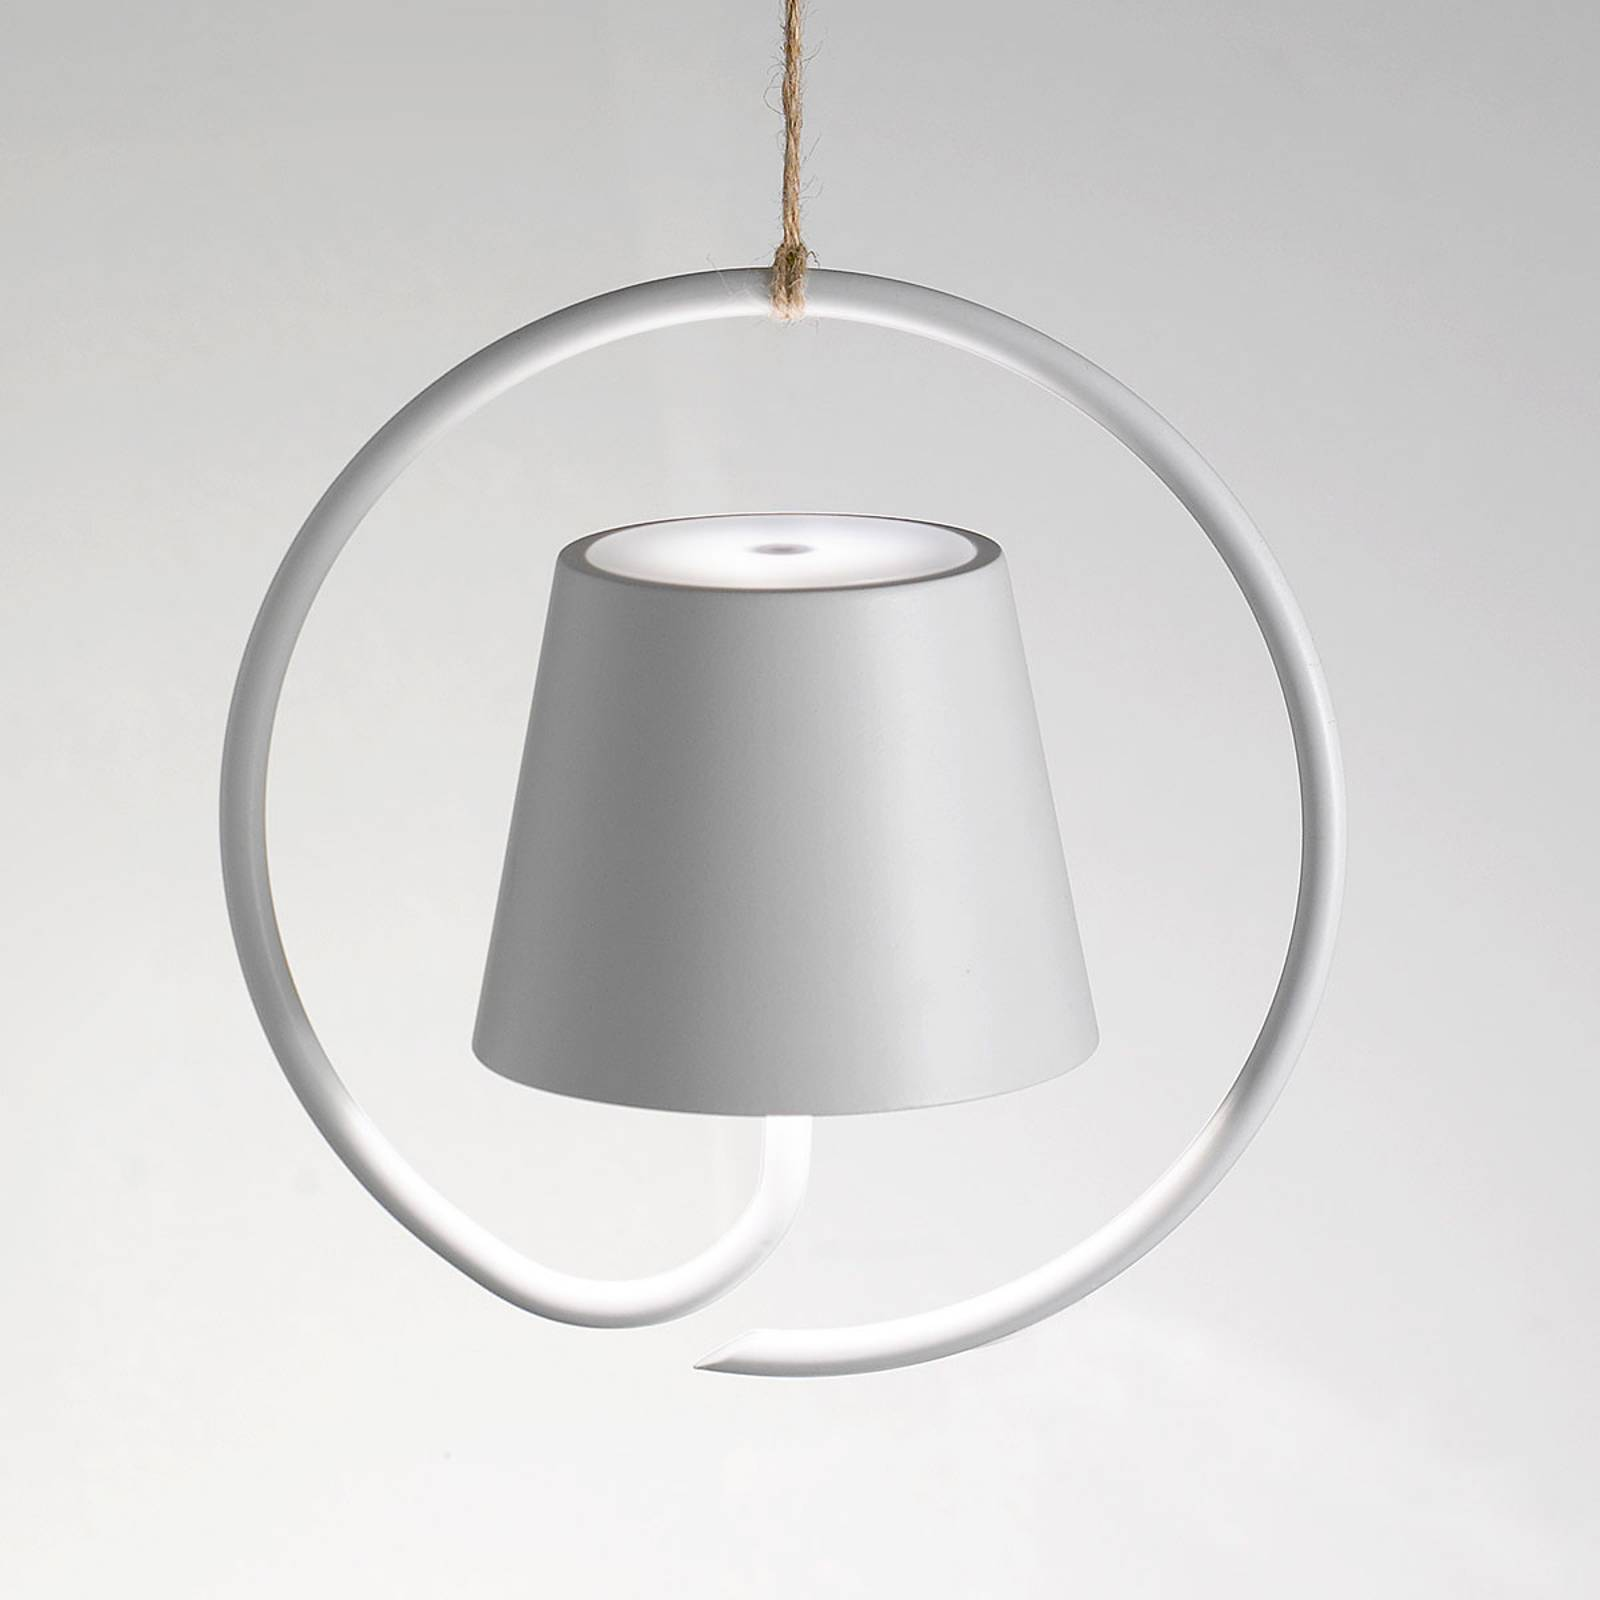 Poldina-LED-riippuvalo, akkukäyttöinen, valkoinen